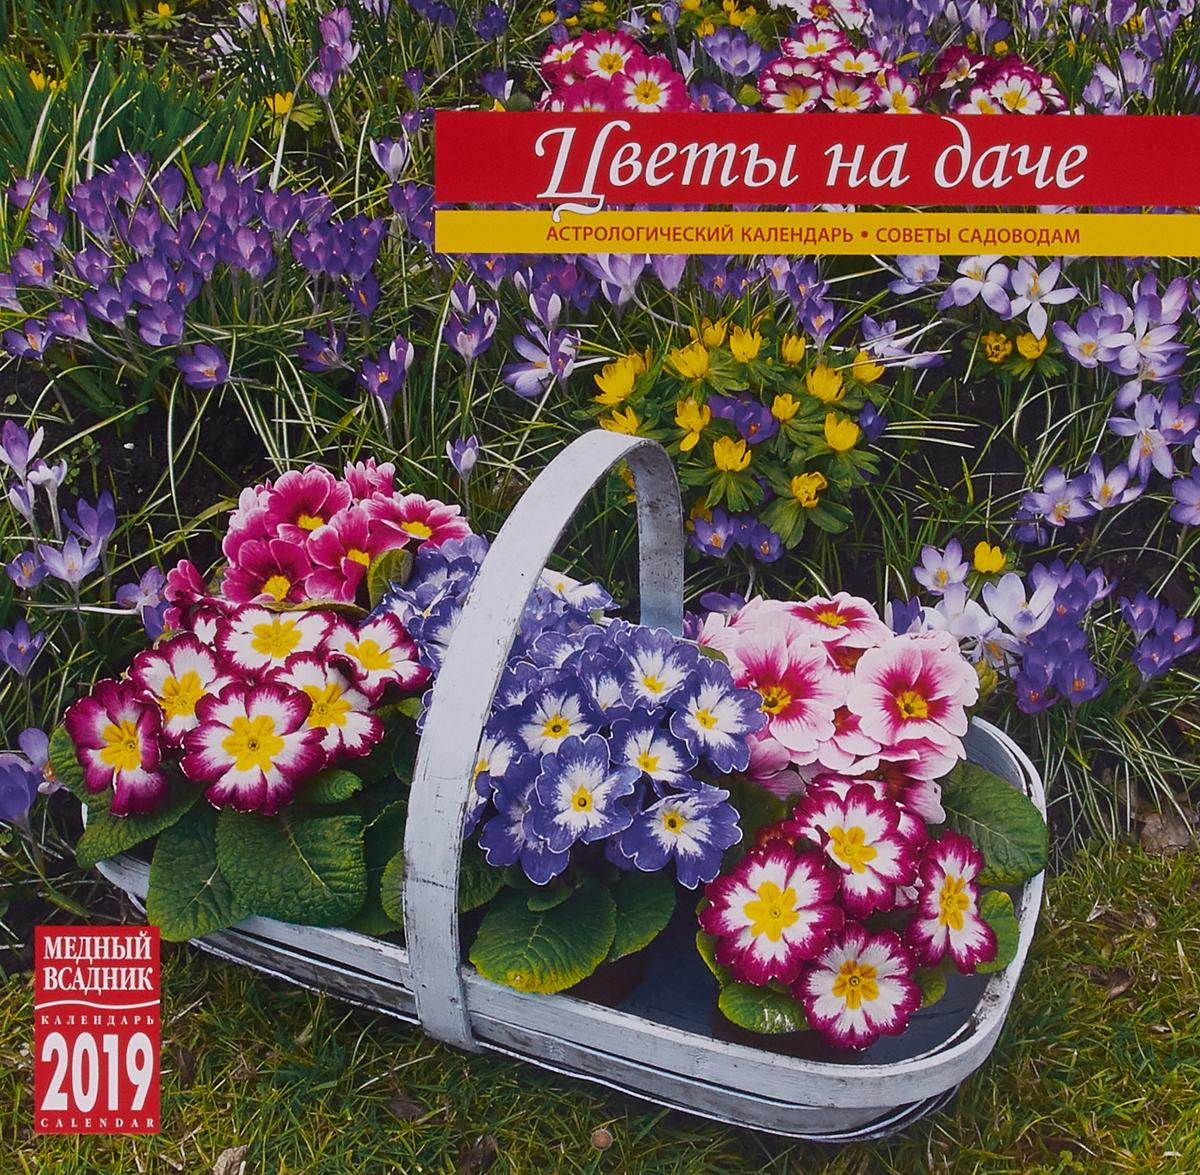 Календарь на скрепке на 2019 год. Цветы на даче недорого